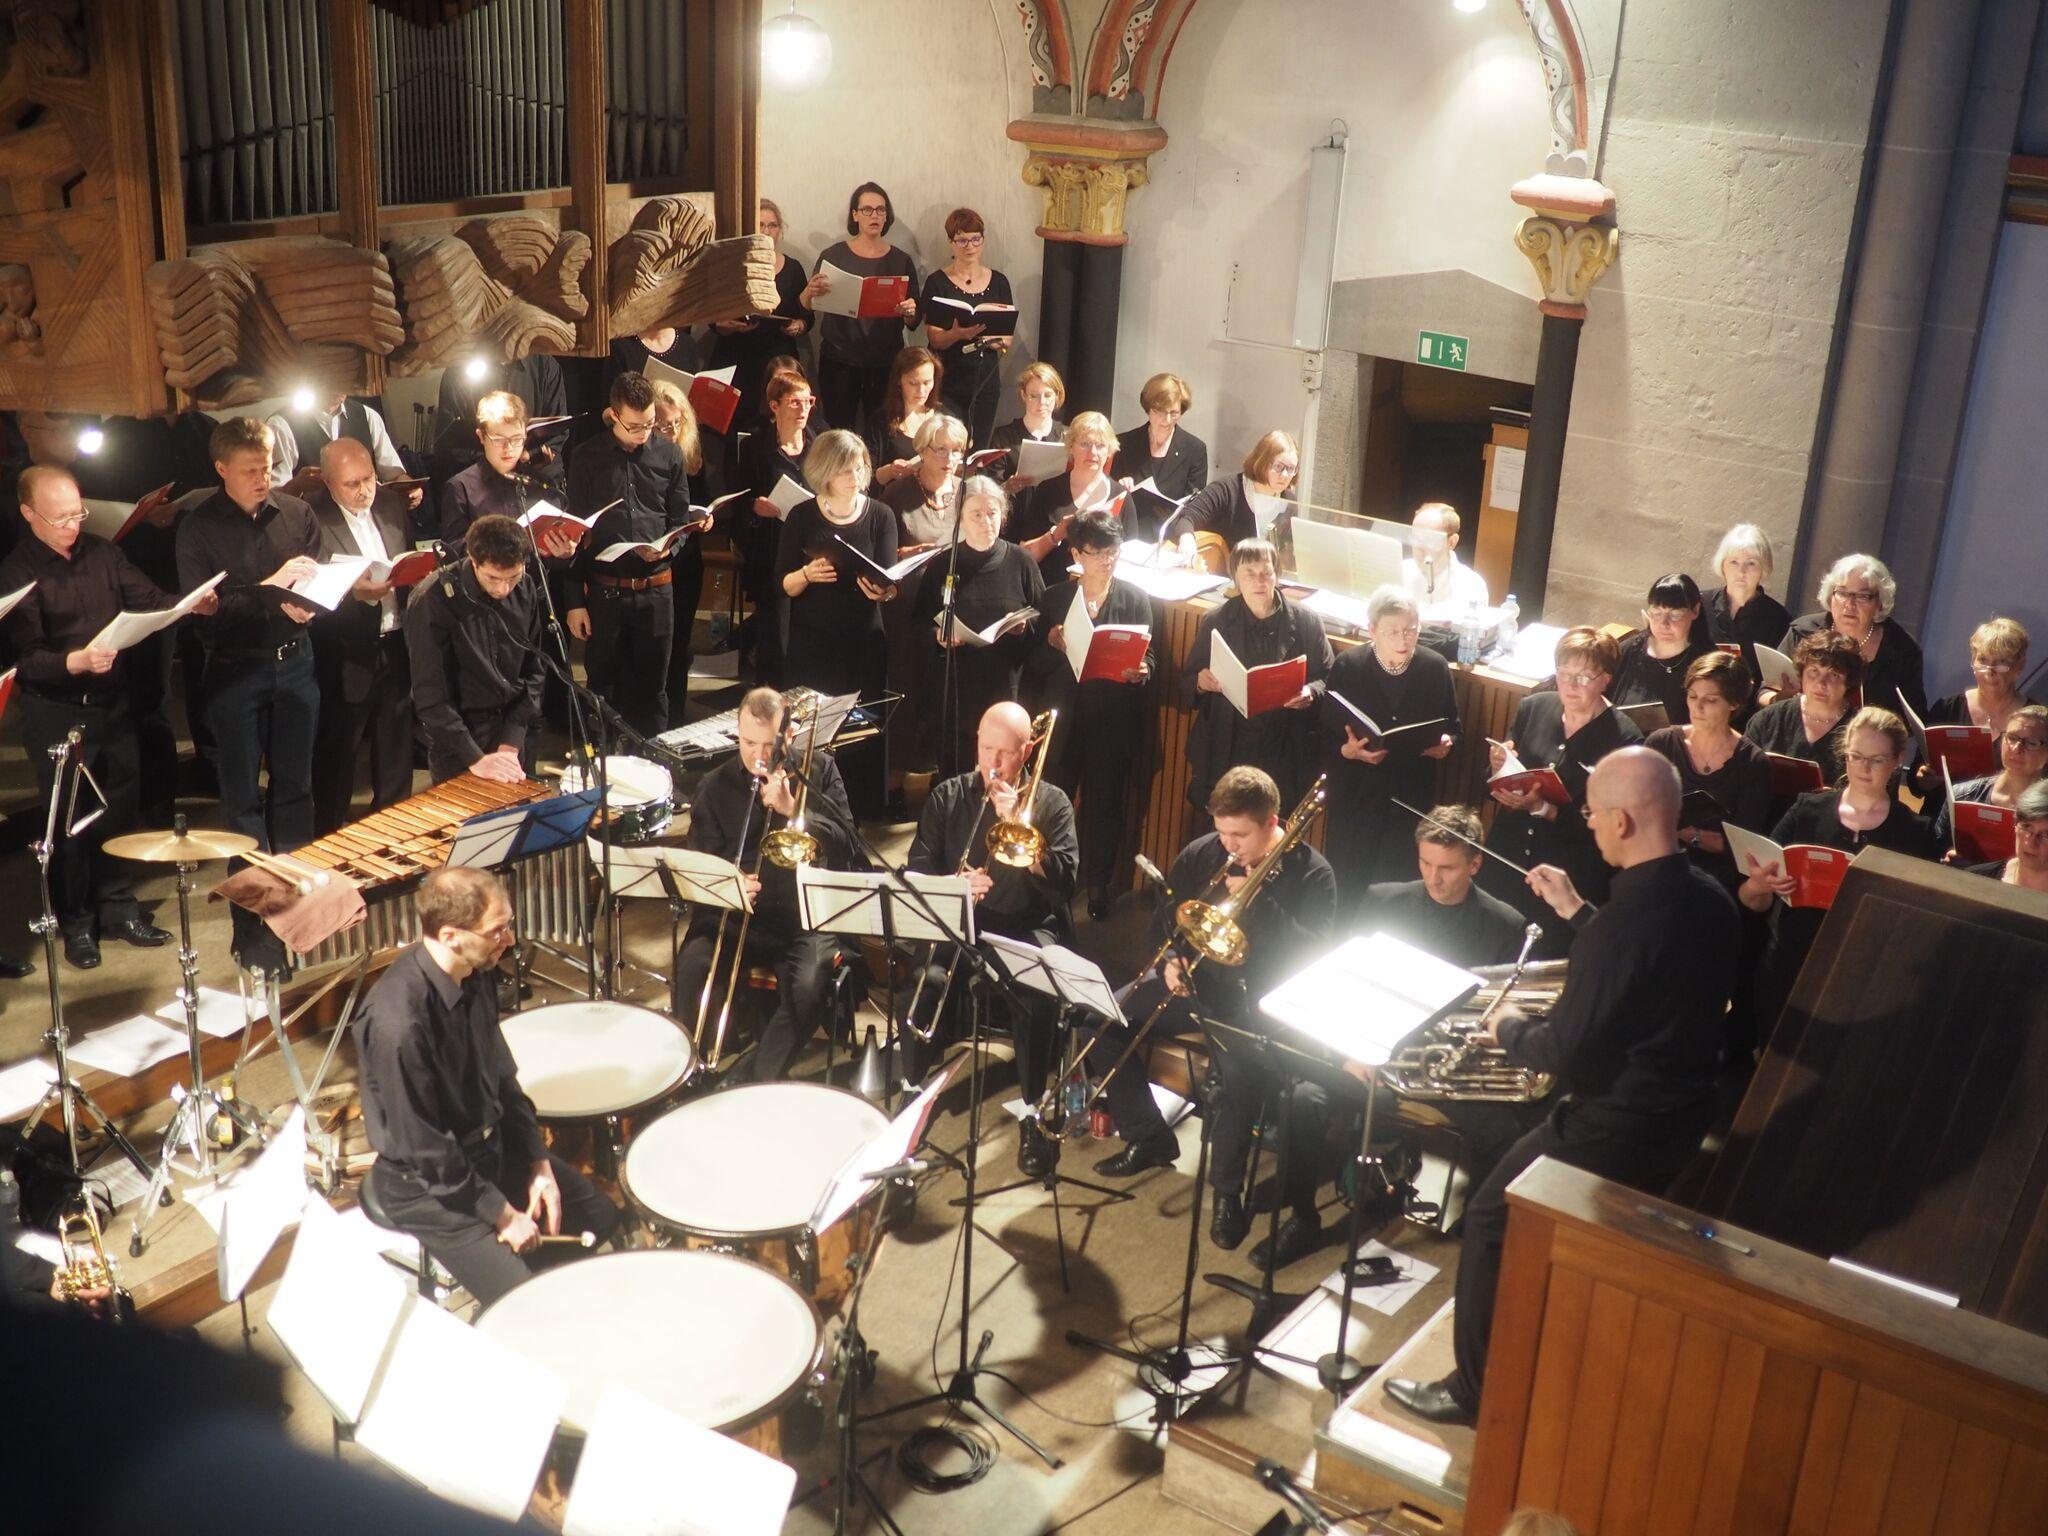 13 20160618 Orgelempore 3